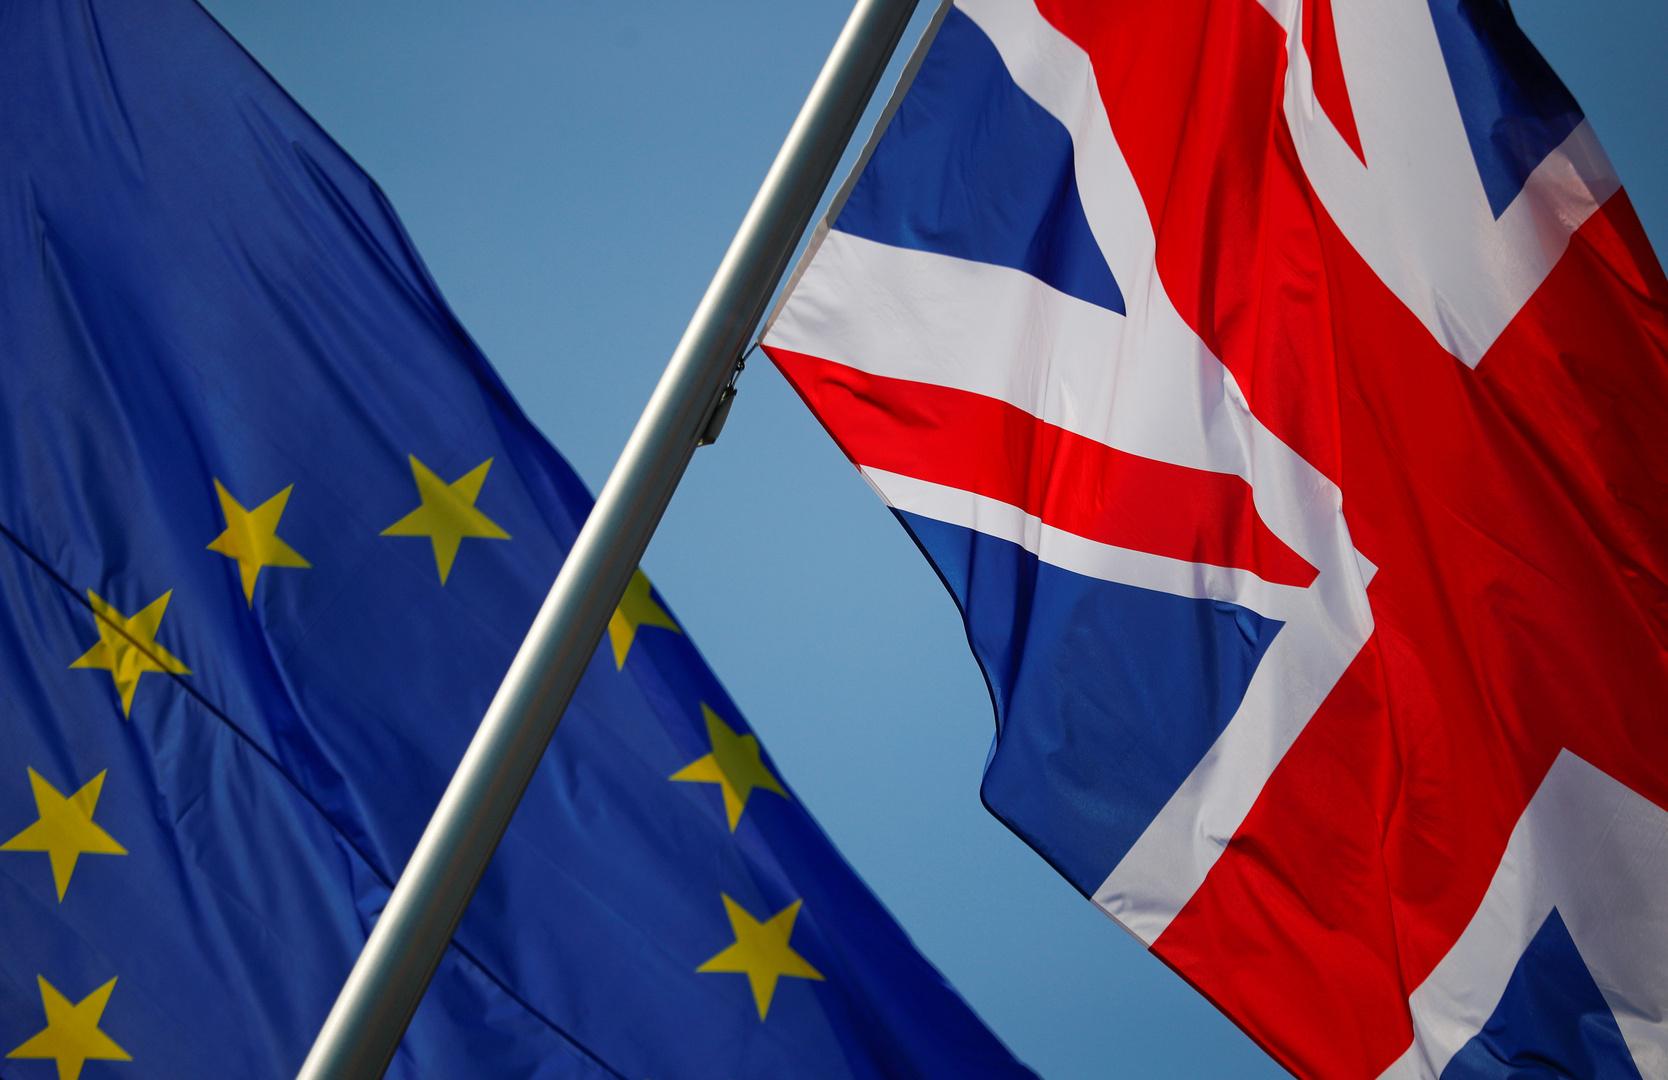 الاقتصاد ضد السياسة: ما الذي يعيق لندن وبروكسل عن الاتفاق على بريكسيت؟